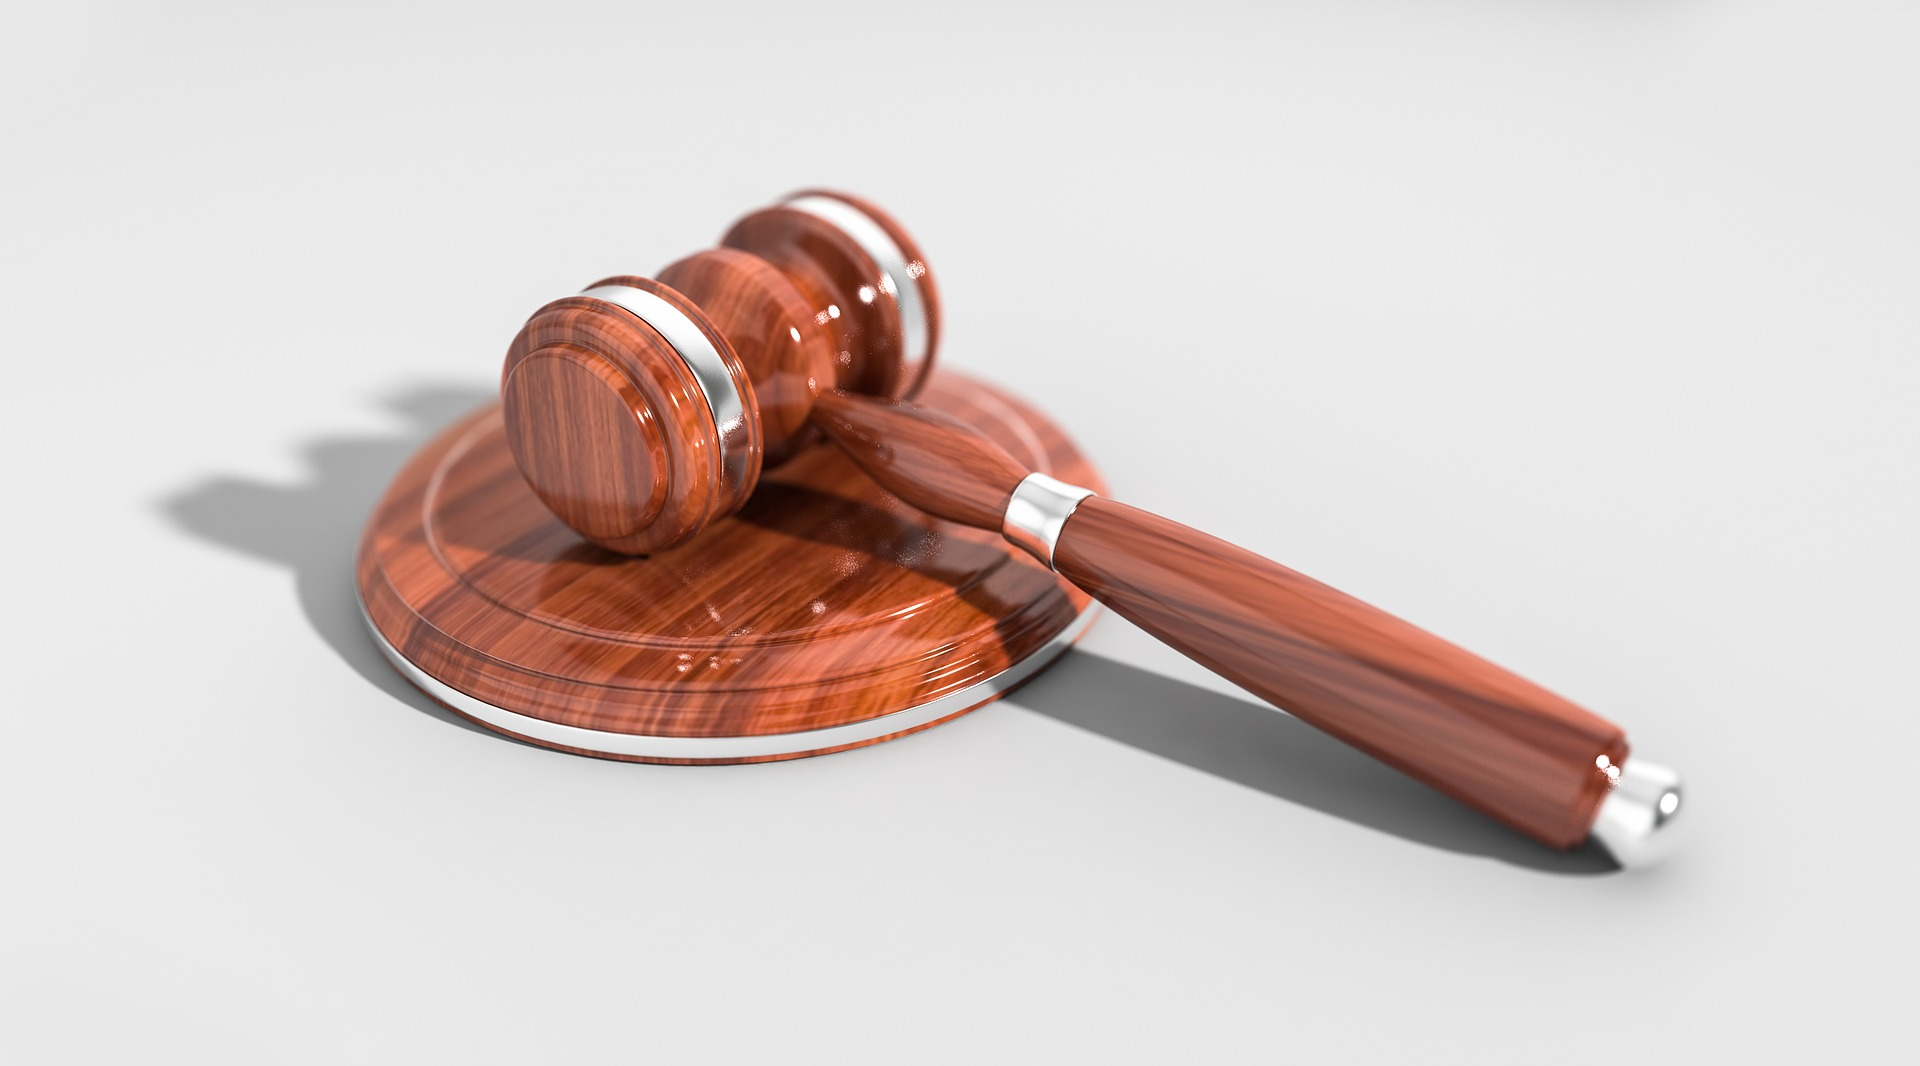 Recours devant le Conseil d'Etat contre la circulaire relative à la transmission d'informations nominatives par le 115-SIAO à l'OFII